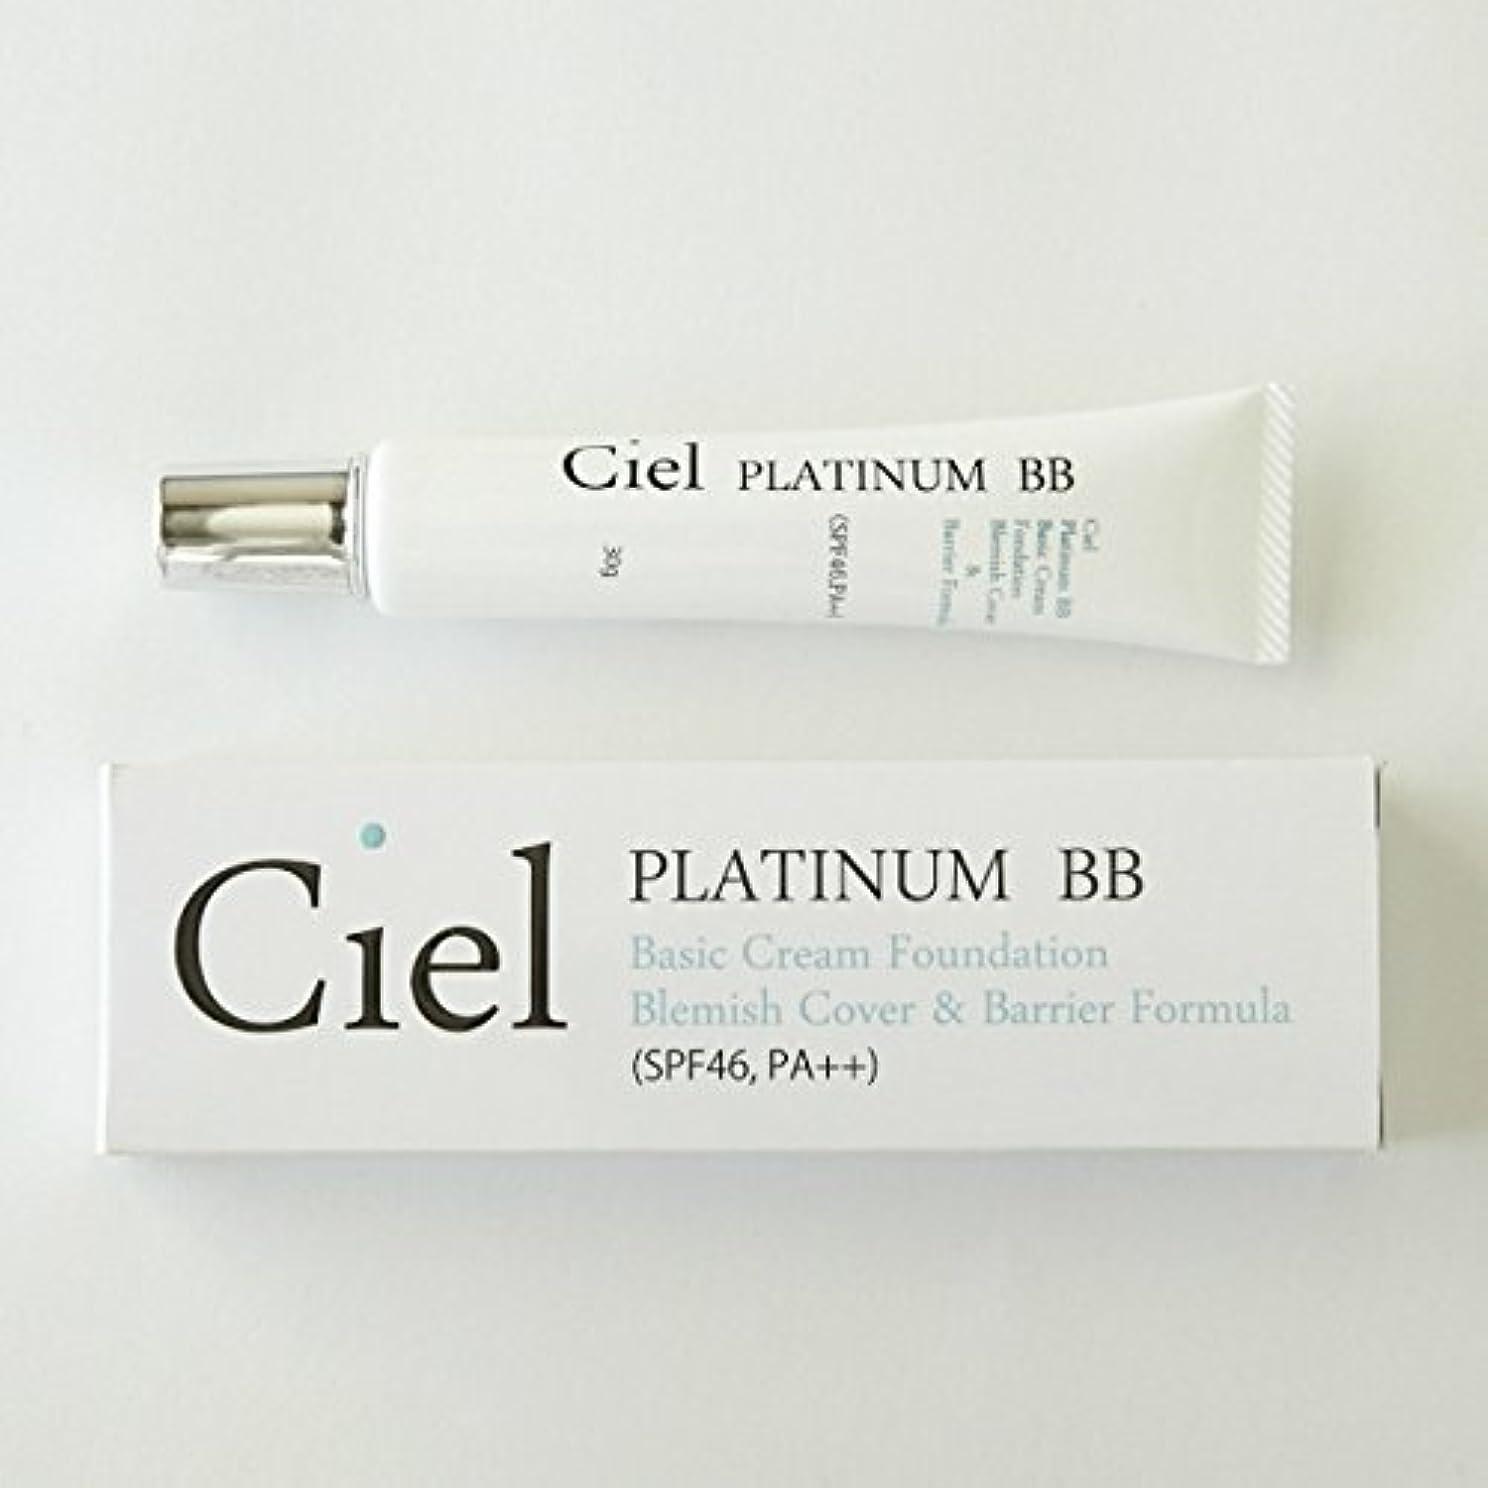 範囲ビリーヤギ考えCiel Salon de Beaute Ciel PLATINUM BB SPF46 BBクリーム ファンデーション 日本製 日焼け止め